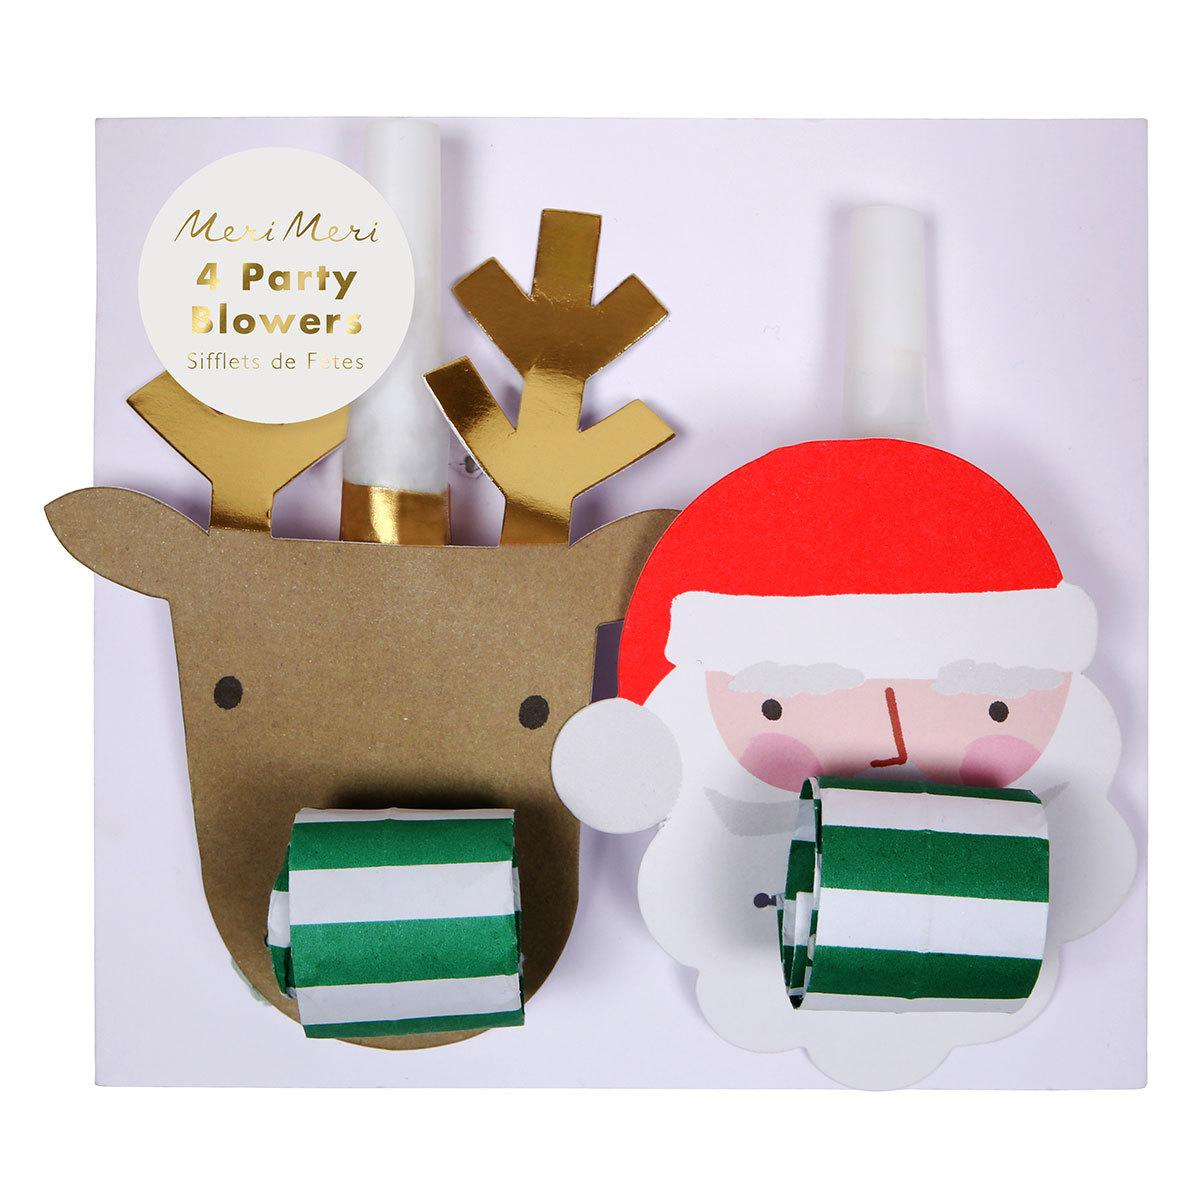 Anniversaire & Fête 4 Sifflets de Fête - Père Noël / Renne 4 Sifflets de Fête - Père Noël / Renne